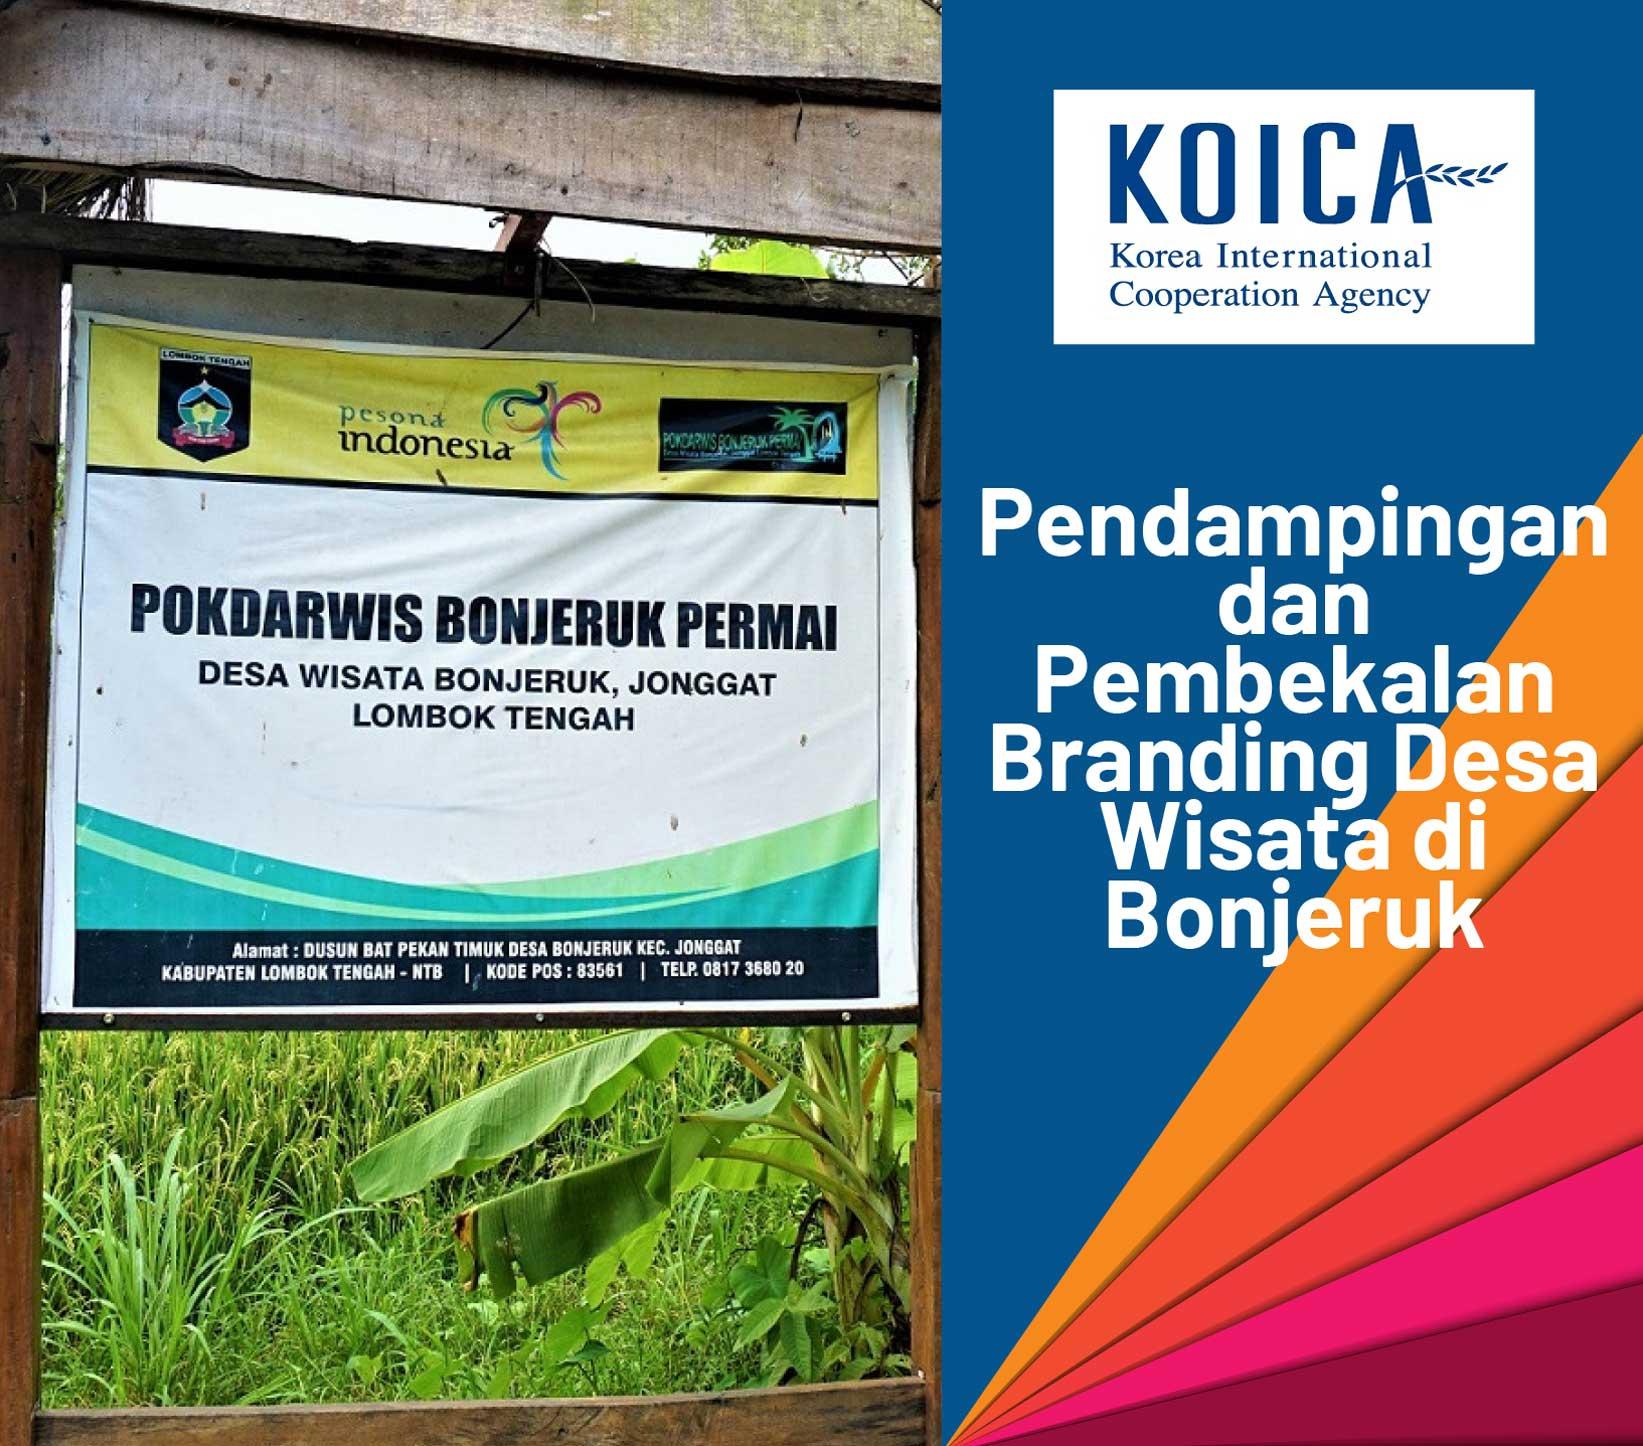 Pendampingan dan Pembekalan Branding Desa Wisata di Bonjeruk - Koica